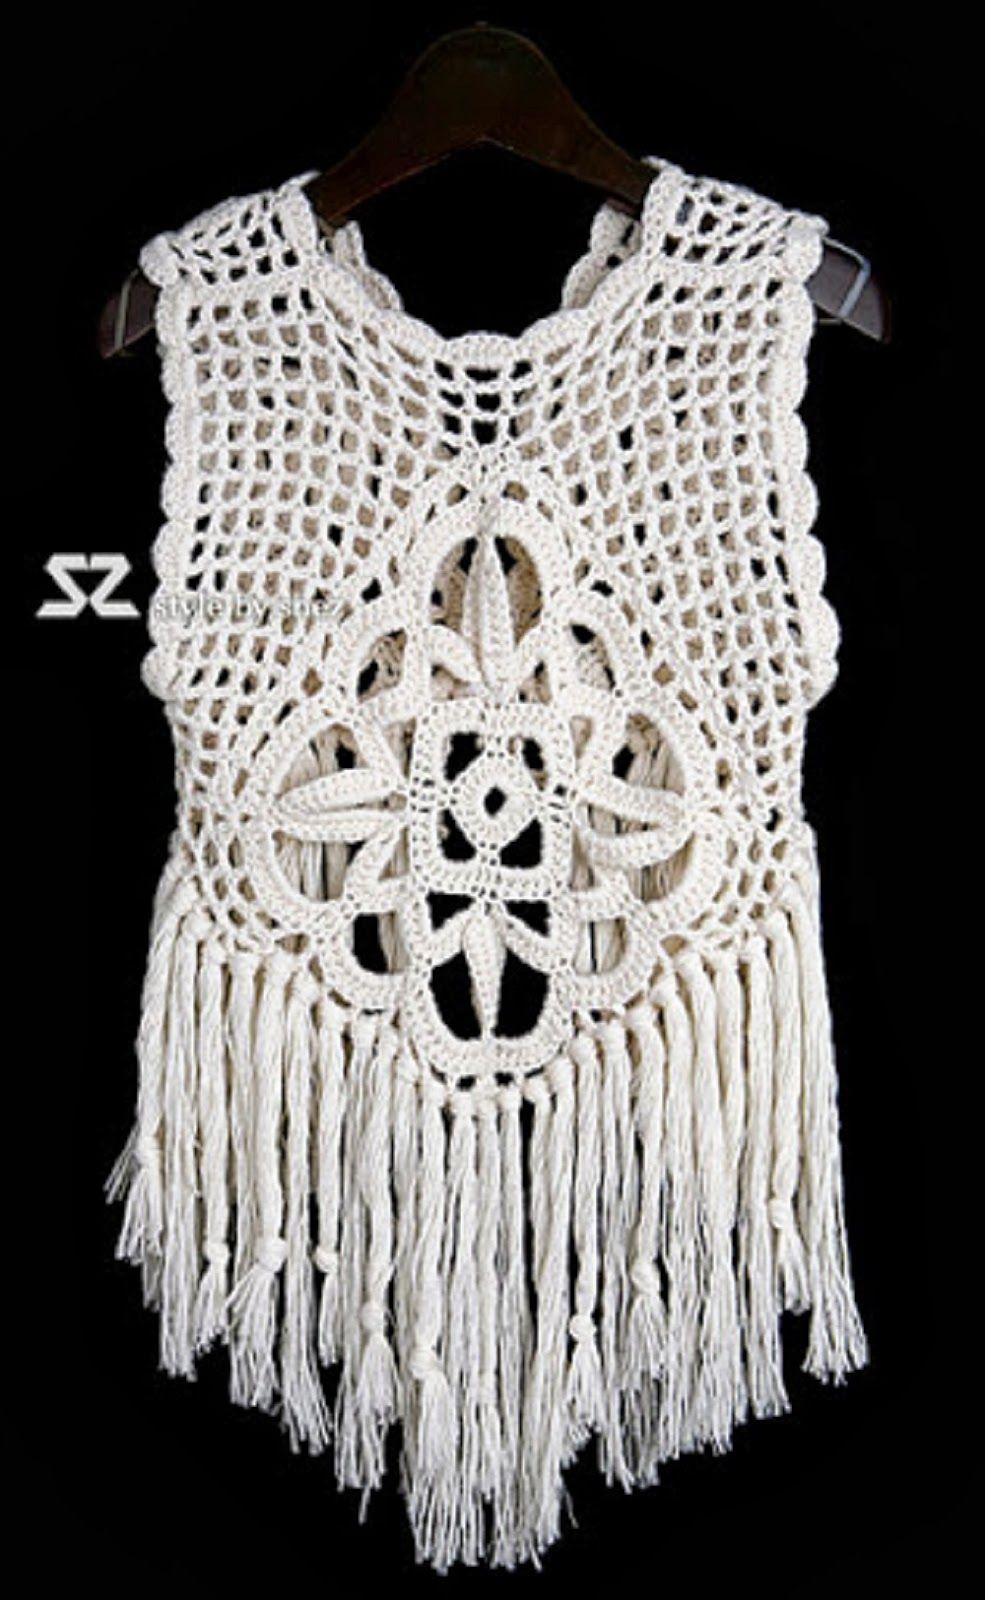 Pin de sevcan en buliz | Pinterest | Blusas, Boleros y Blusas de crochet